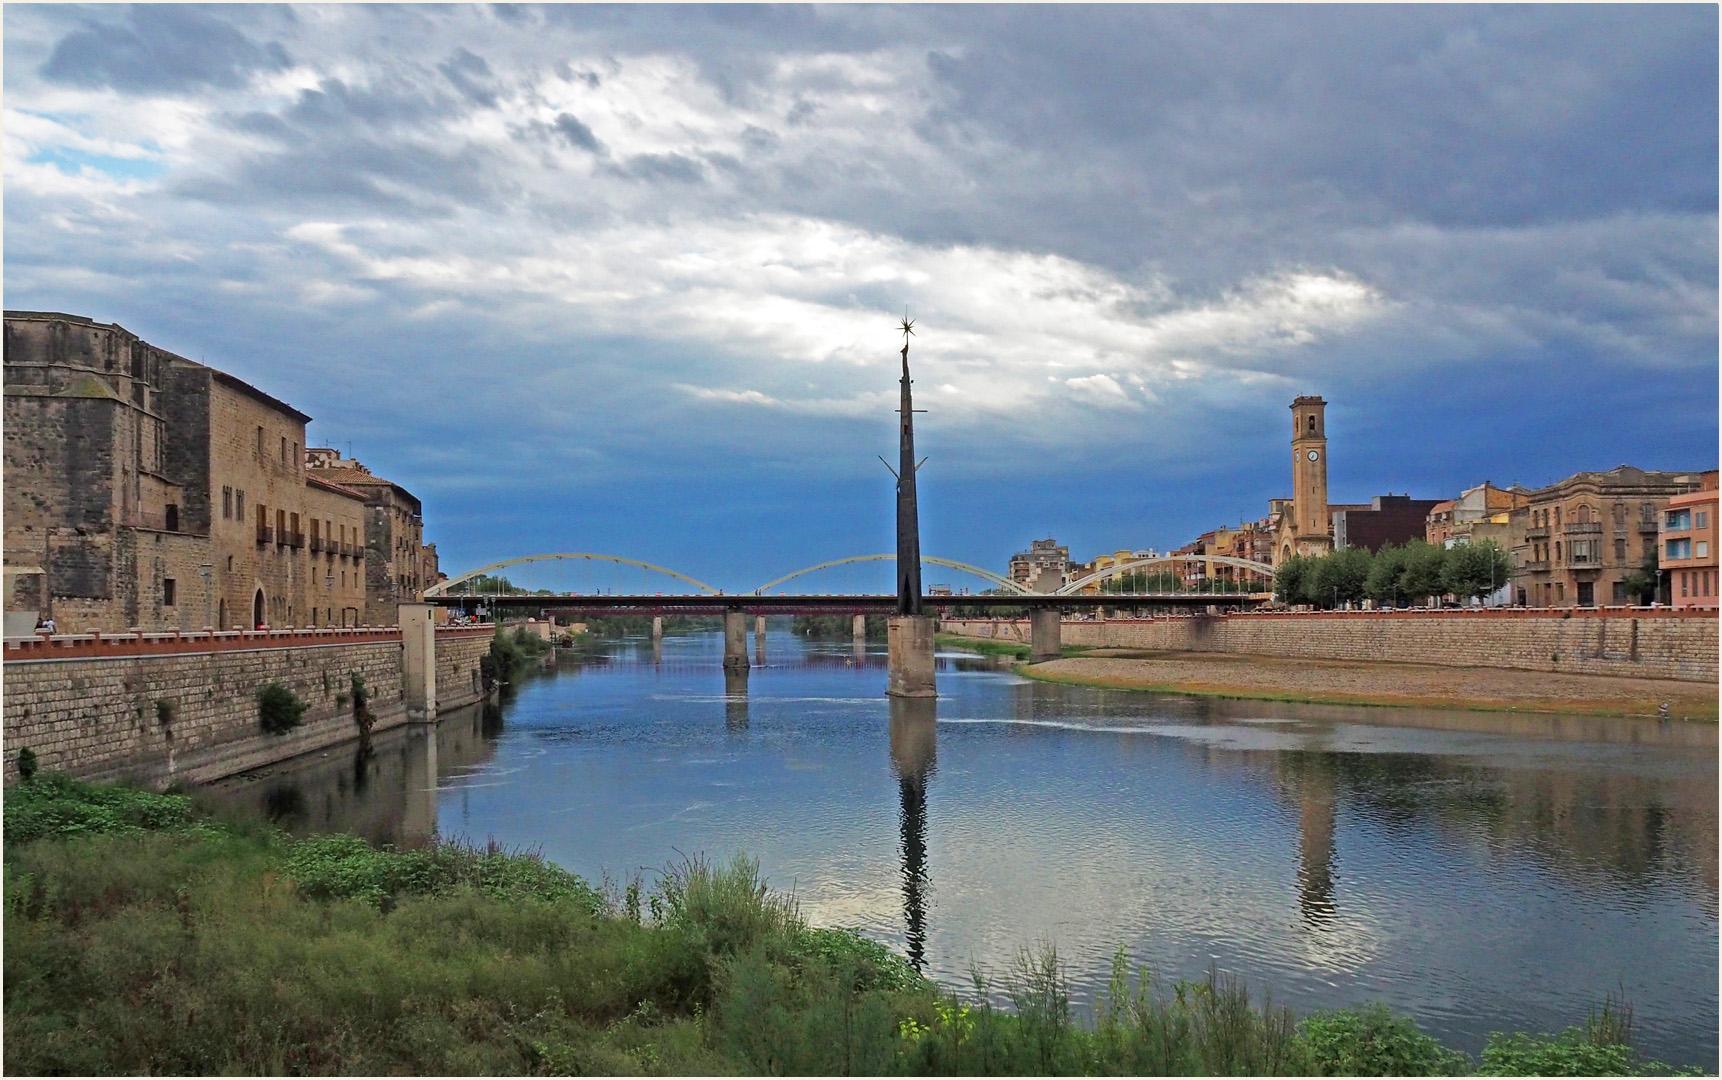 Pont de l'Estat et monument de la bataille de l'Ebre à Tortosa